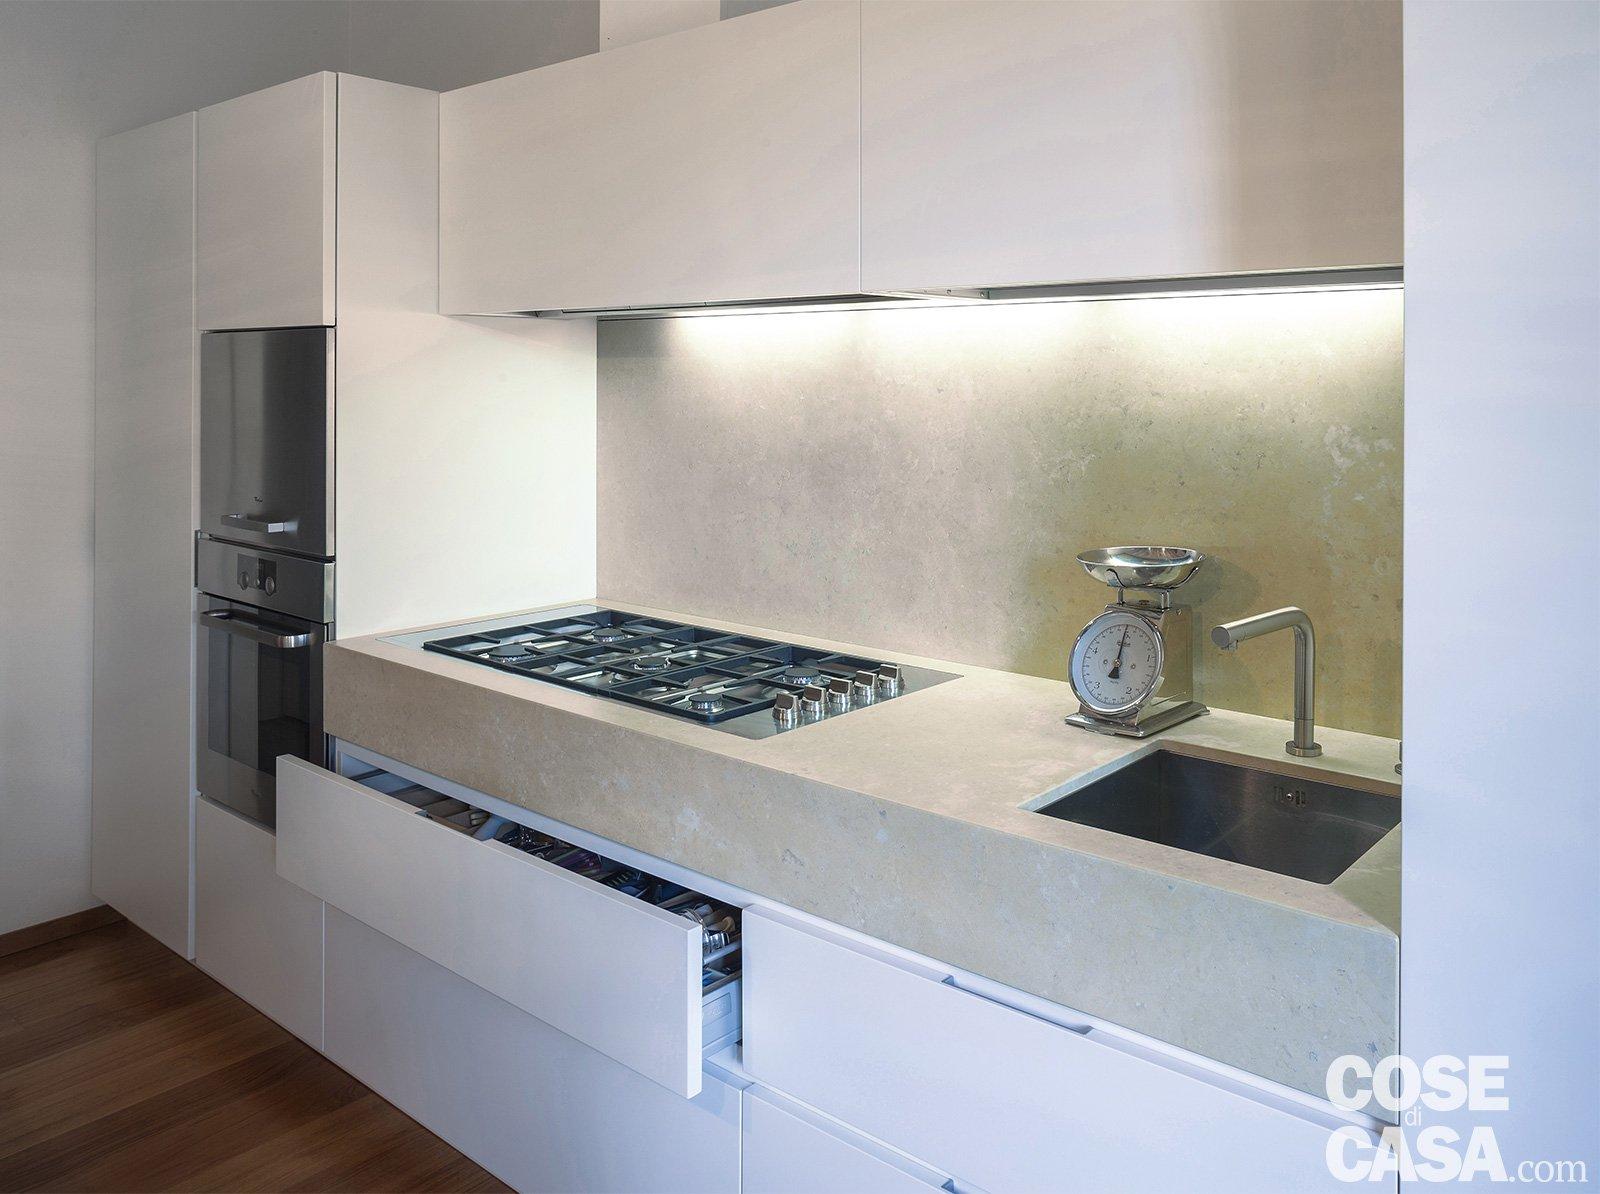 Una casa con la mansarda adibita a zona notte cose di casa - Cucina piano cottura ...